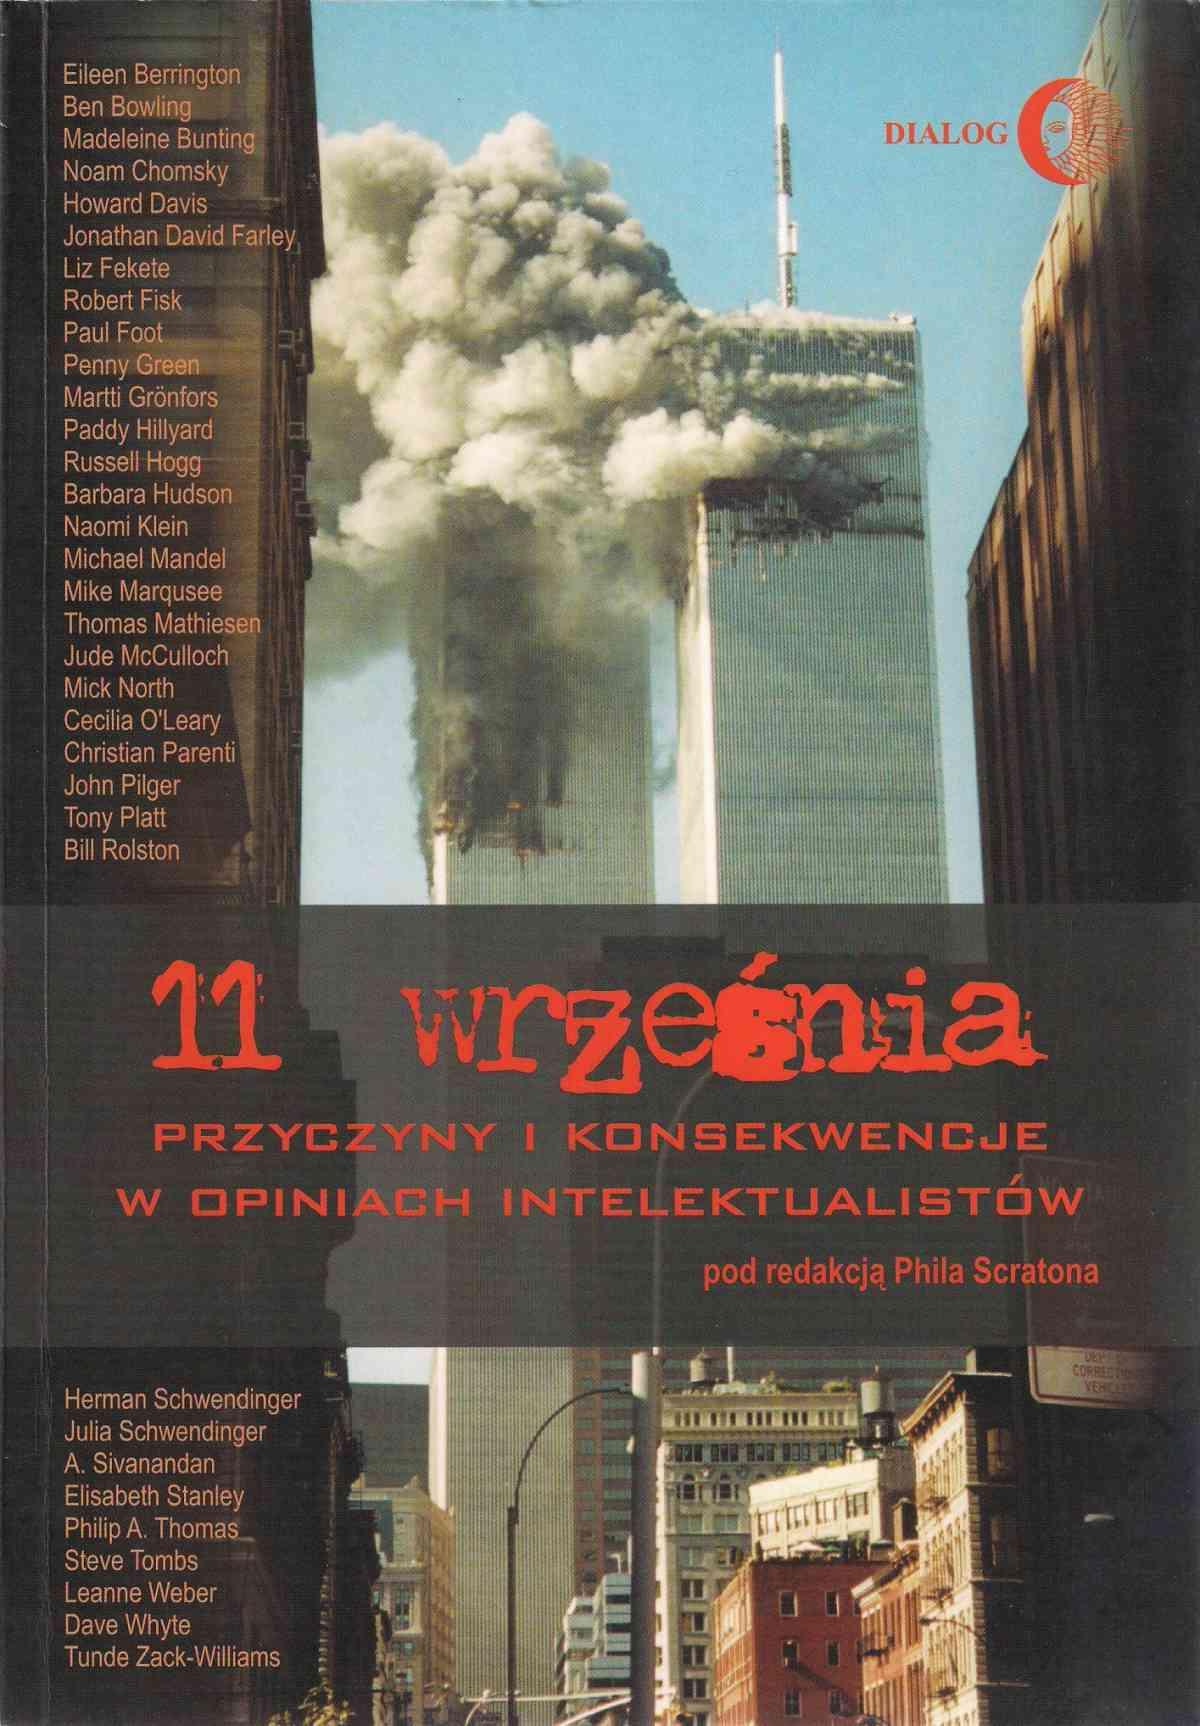 11 września. Przyczyny i konsekwencje w opiniach intelektualistów - Ebook (Książka na Kindle) do pobrania w formacie MOBI